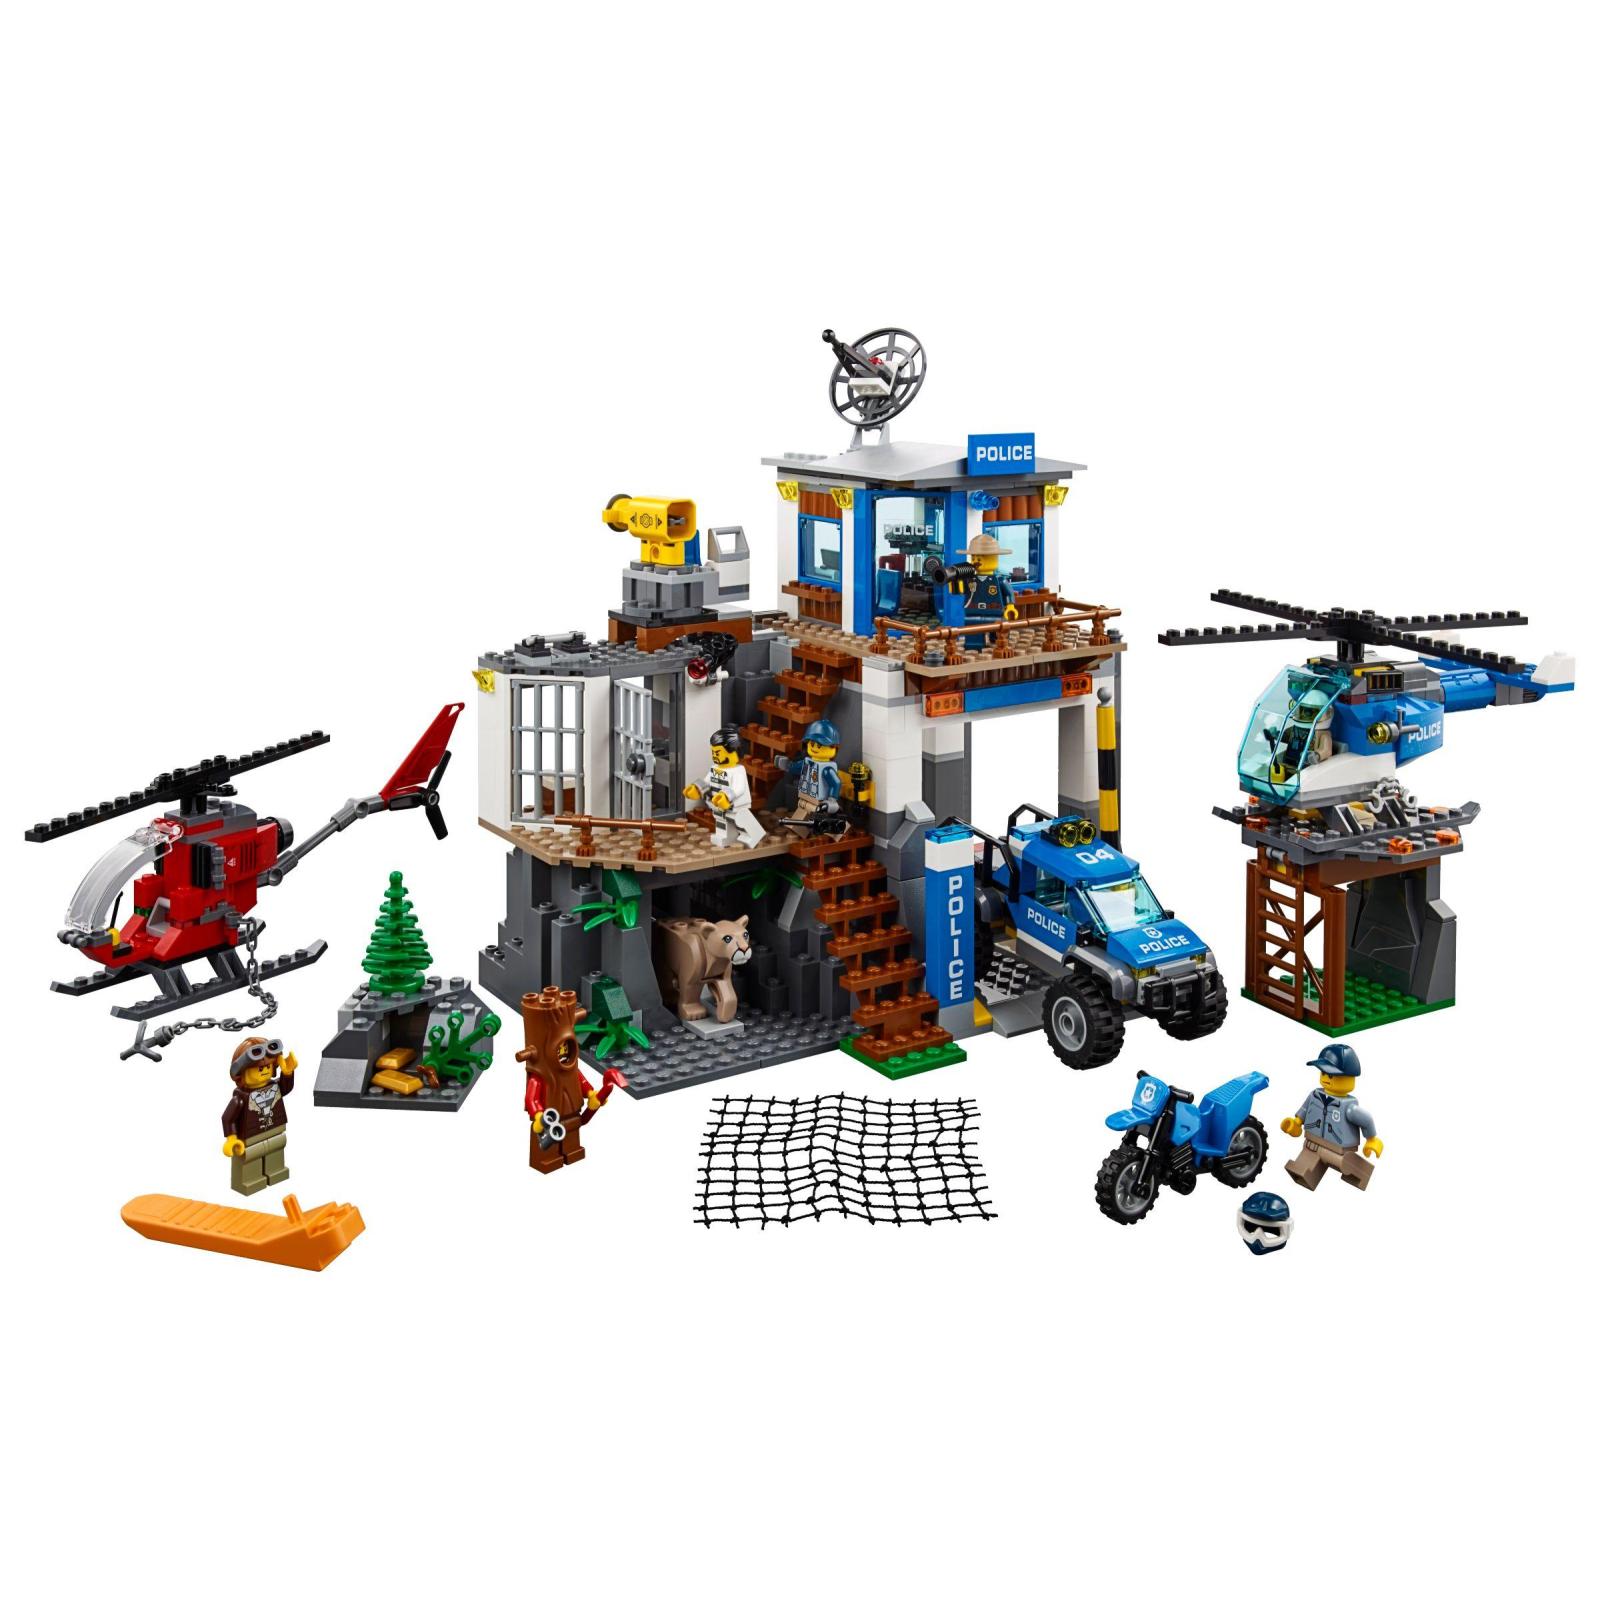 Конструктор LEGO City Police Штаб-квартира горной полиции (60174) изображение 2